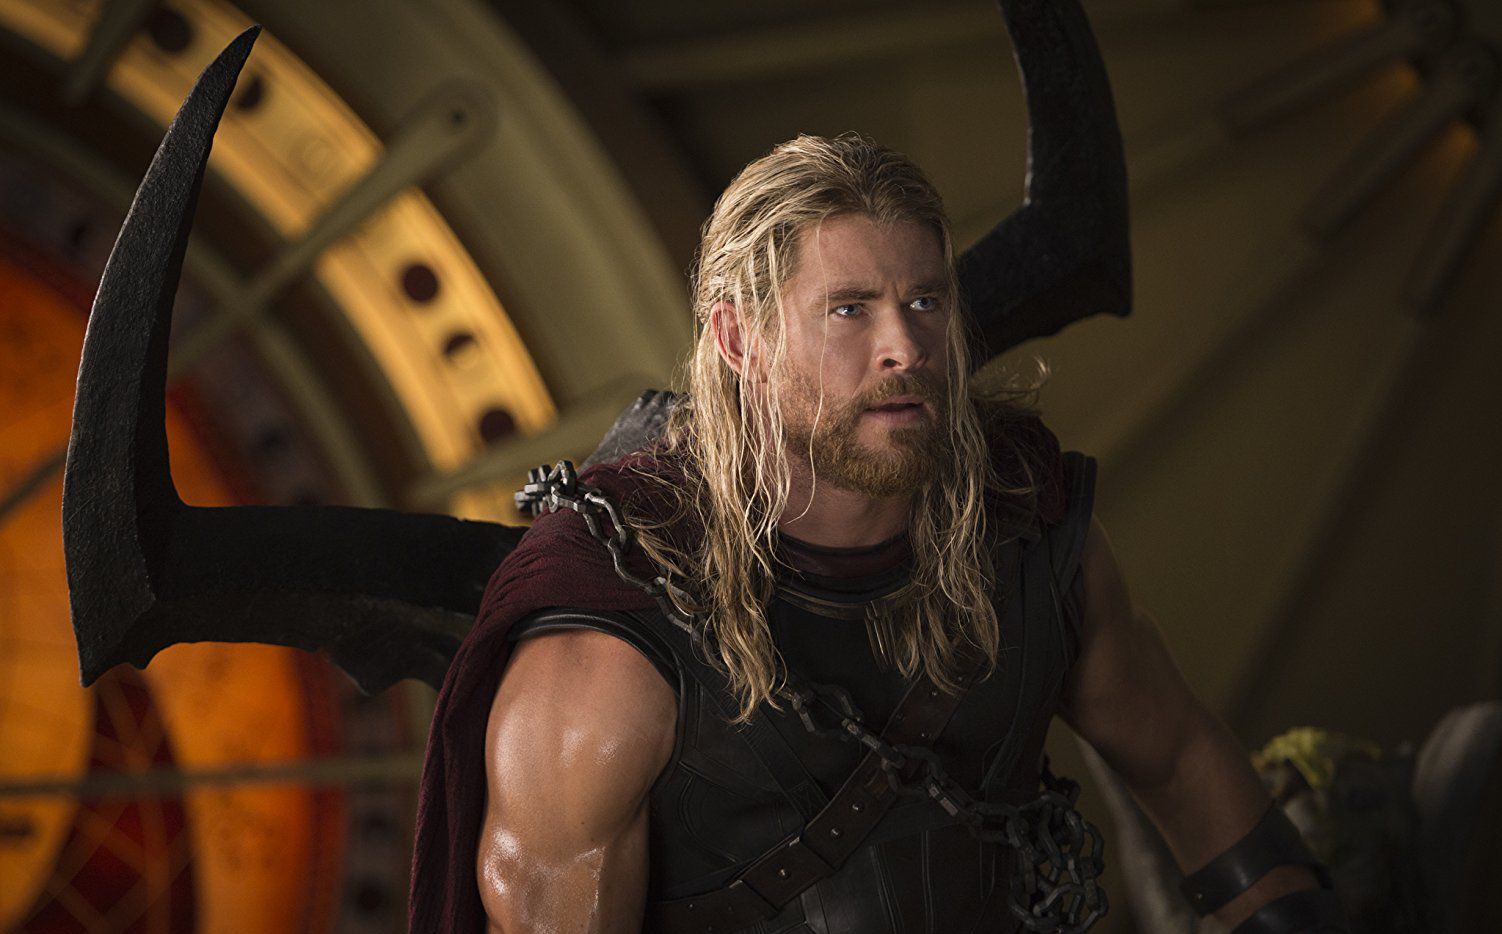 Chris Hemsworth protagoniza Thor: Ragnarok, que se estrena este viernes. Foto MARVEL